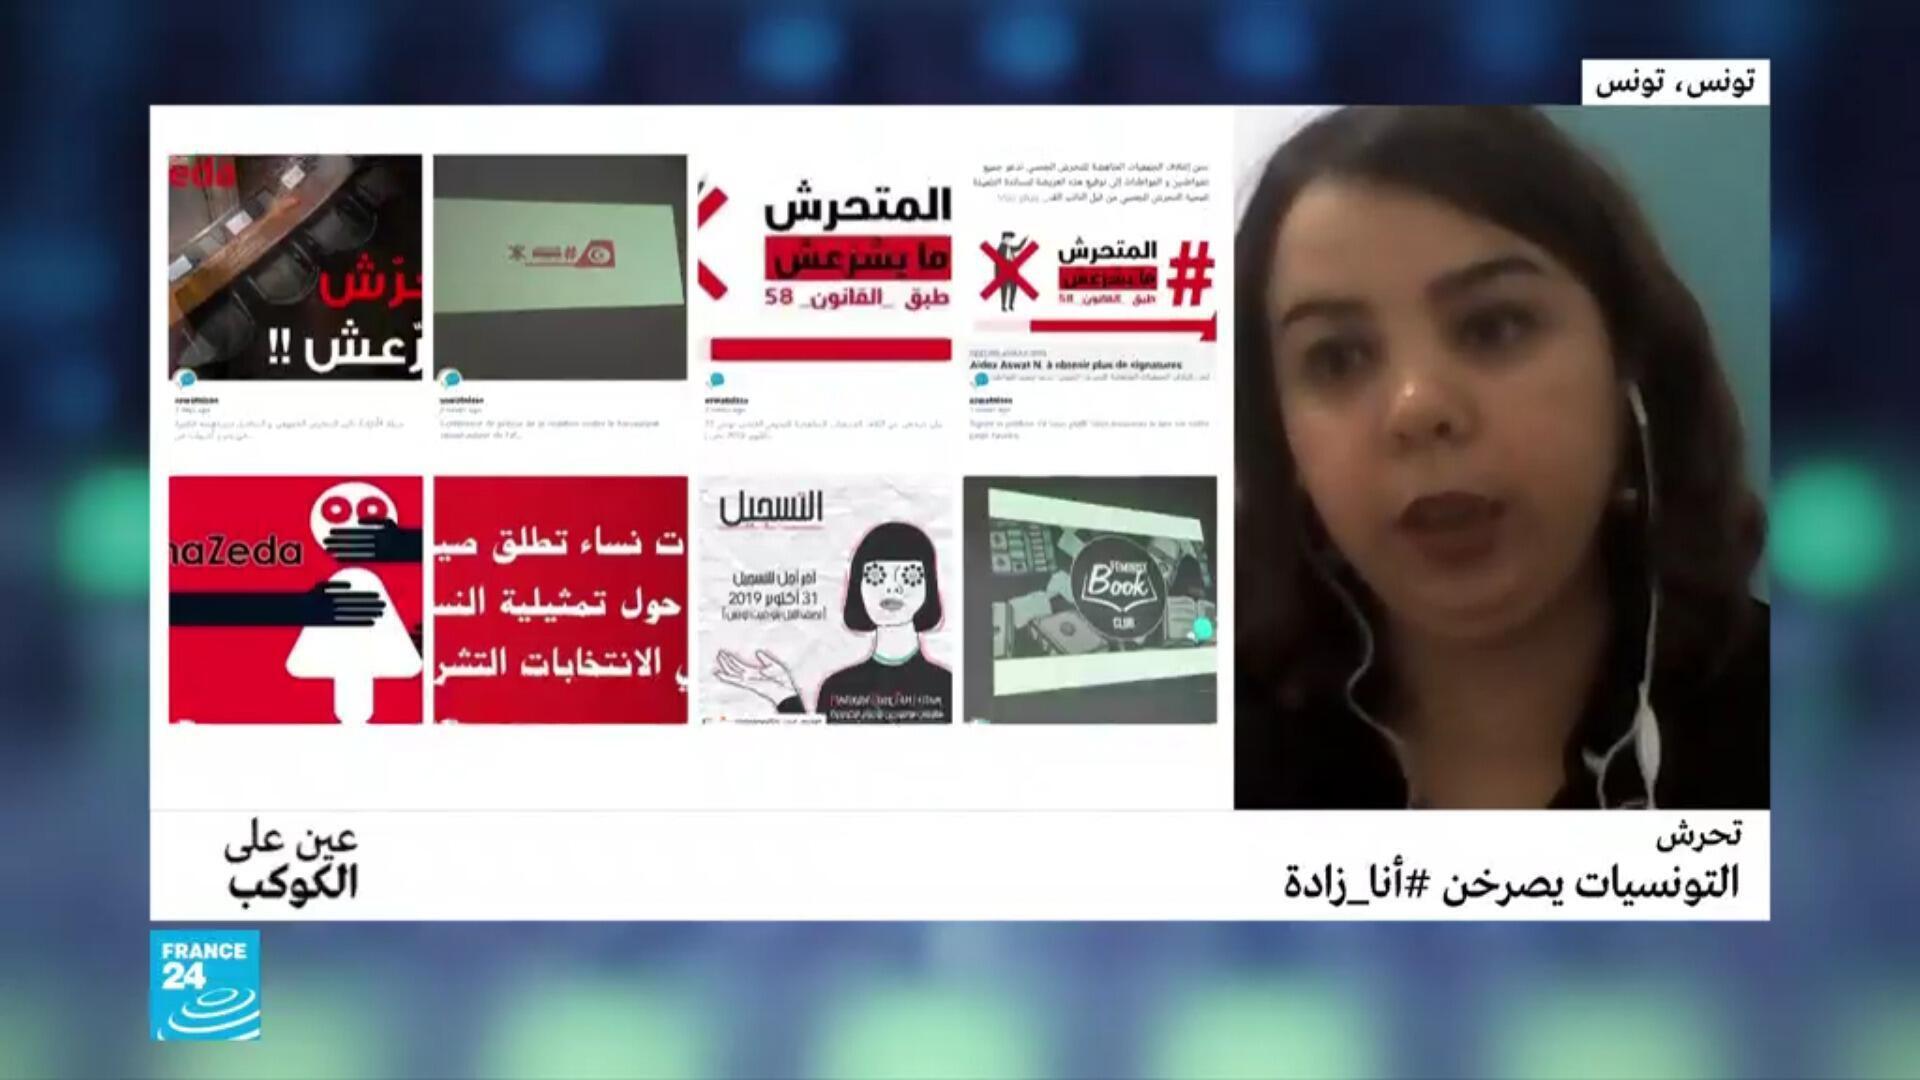 تحرش.. التونسيات يصرخن #أنا_زادة